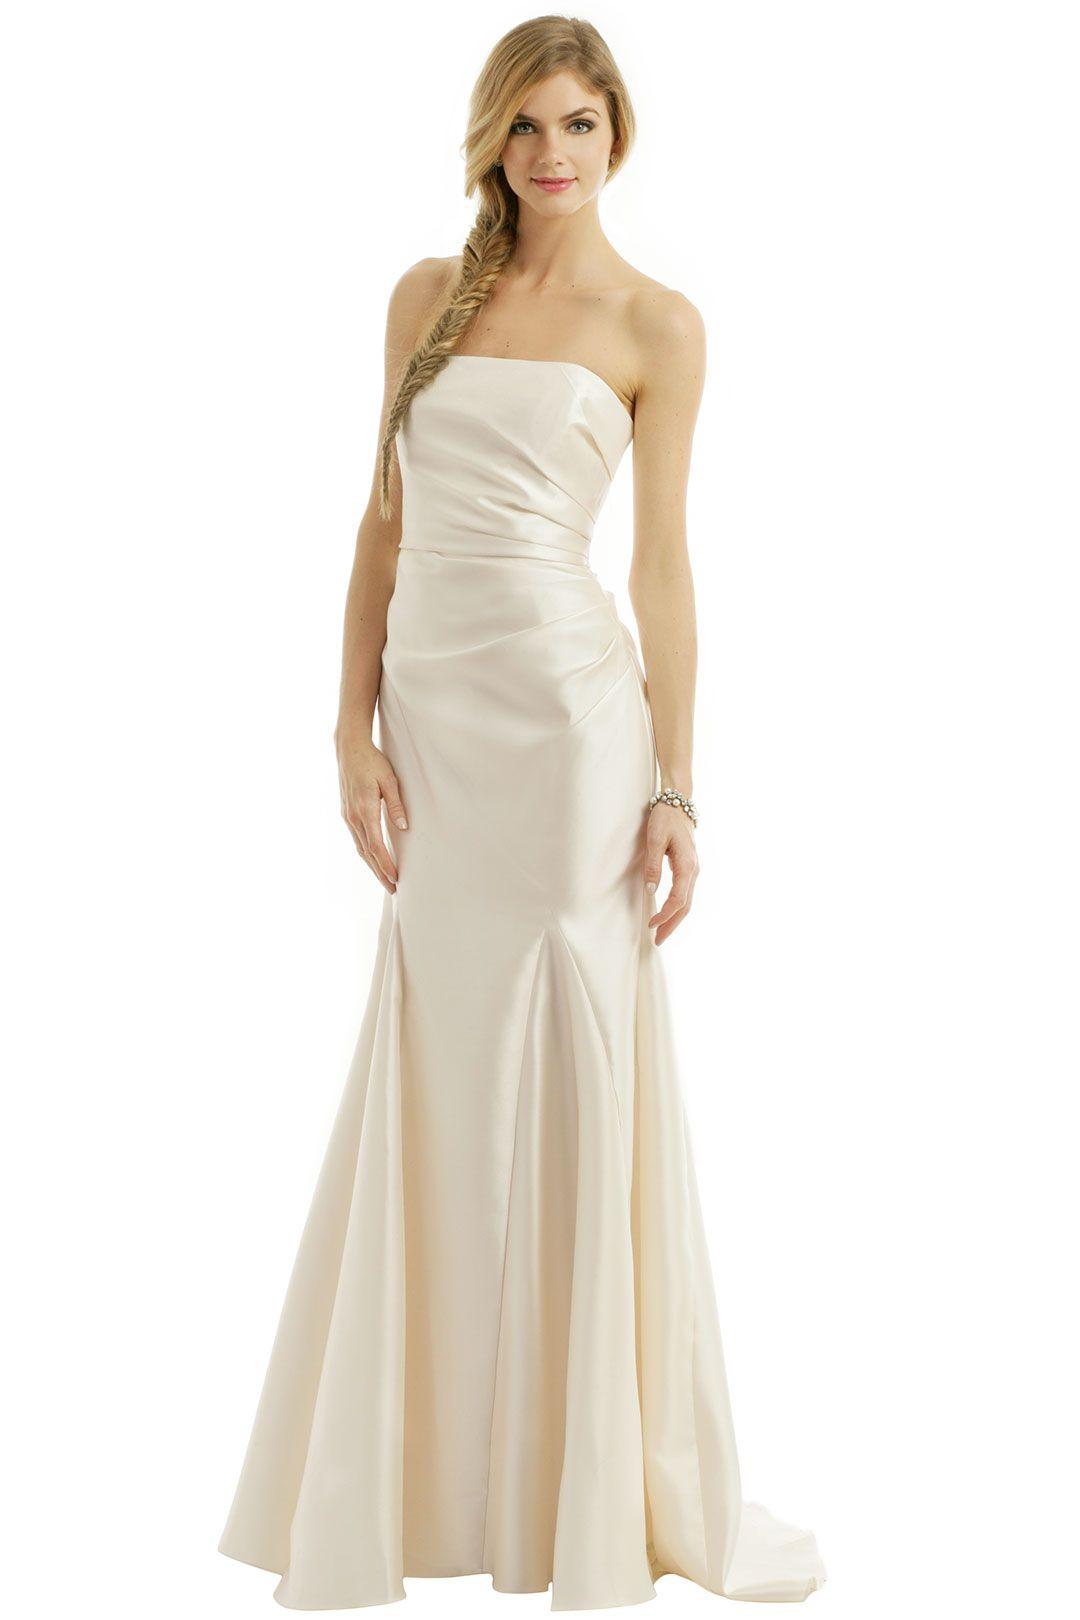 Badgley Mischka Ivory Dream Gown Wedding dresses under